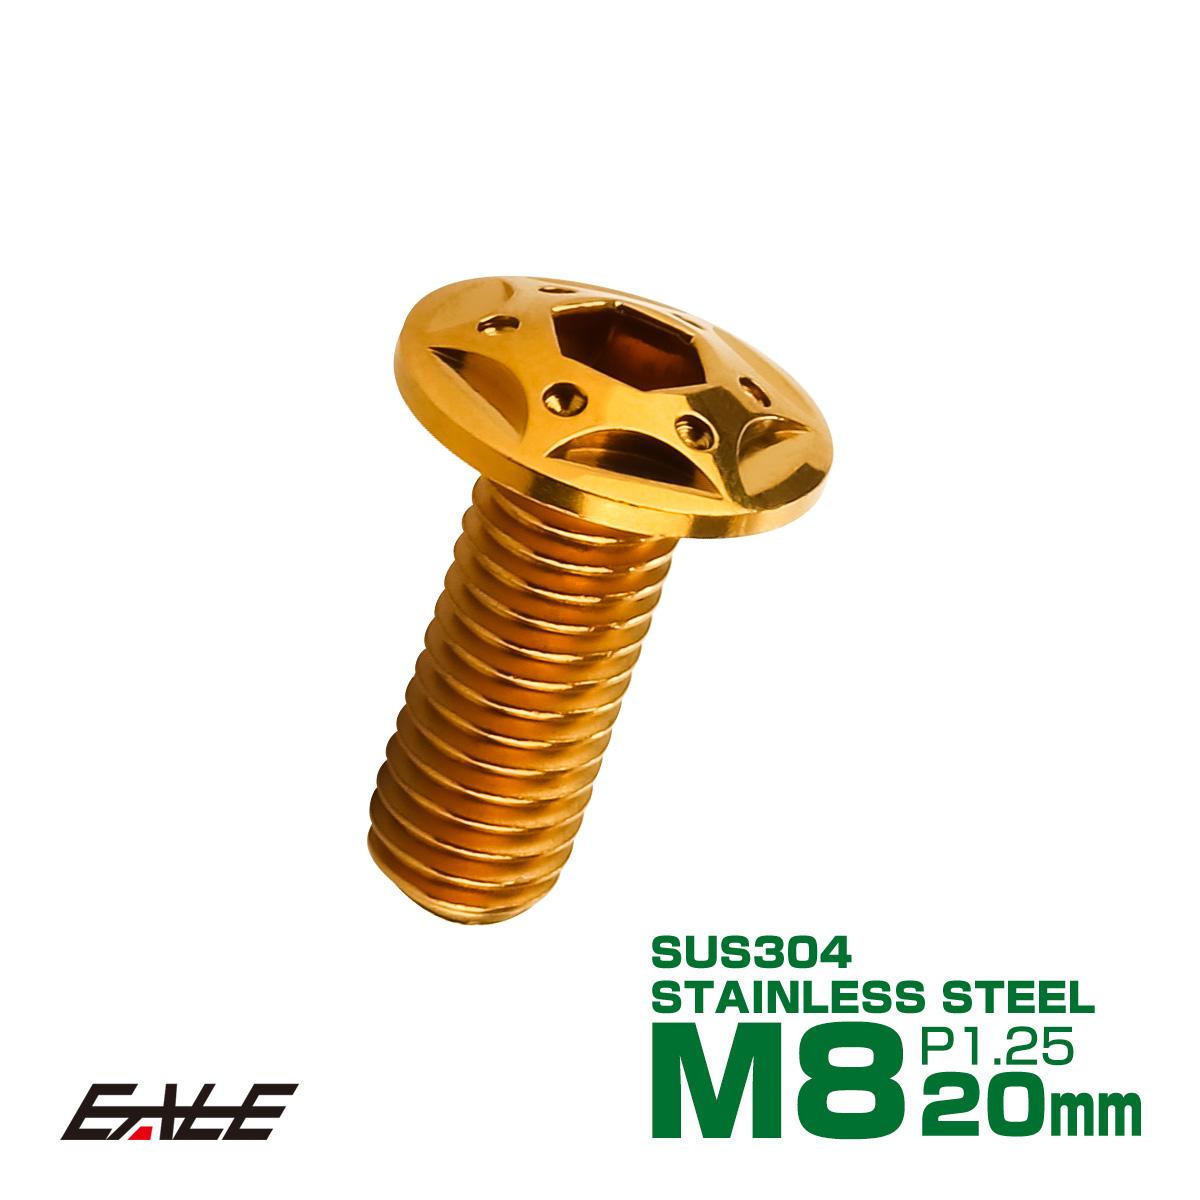 【ネコポス可】 SUSステンレス製 M8×20mm P1.25 ブレーキ ディスク ローター ボルト スターホールヘッド ヤマハ車用 ゴールド TD0106